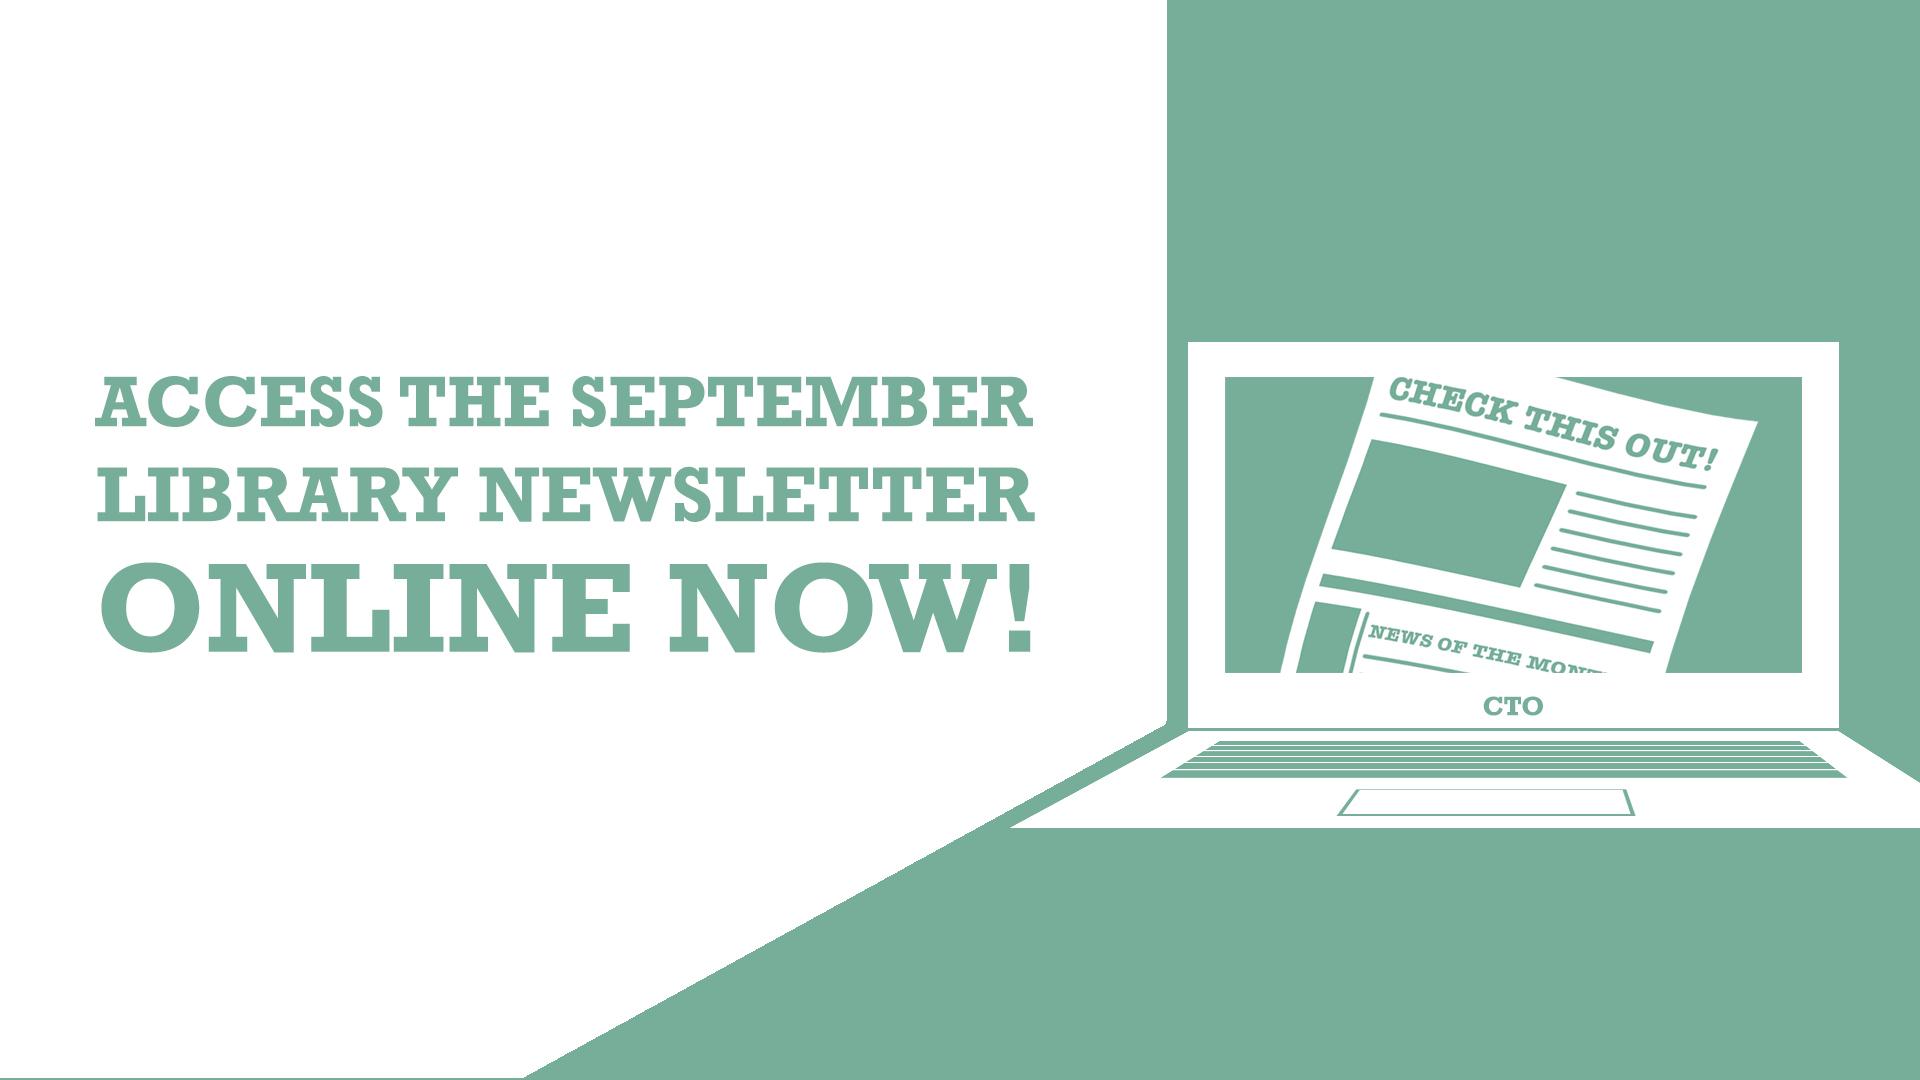 Slide for the September Library Newsletter